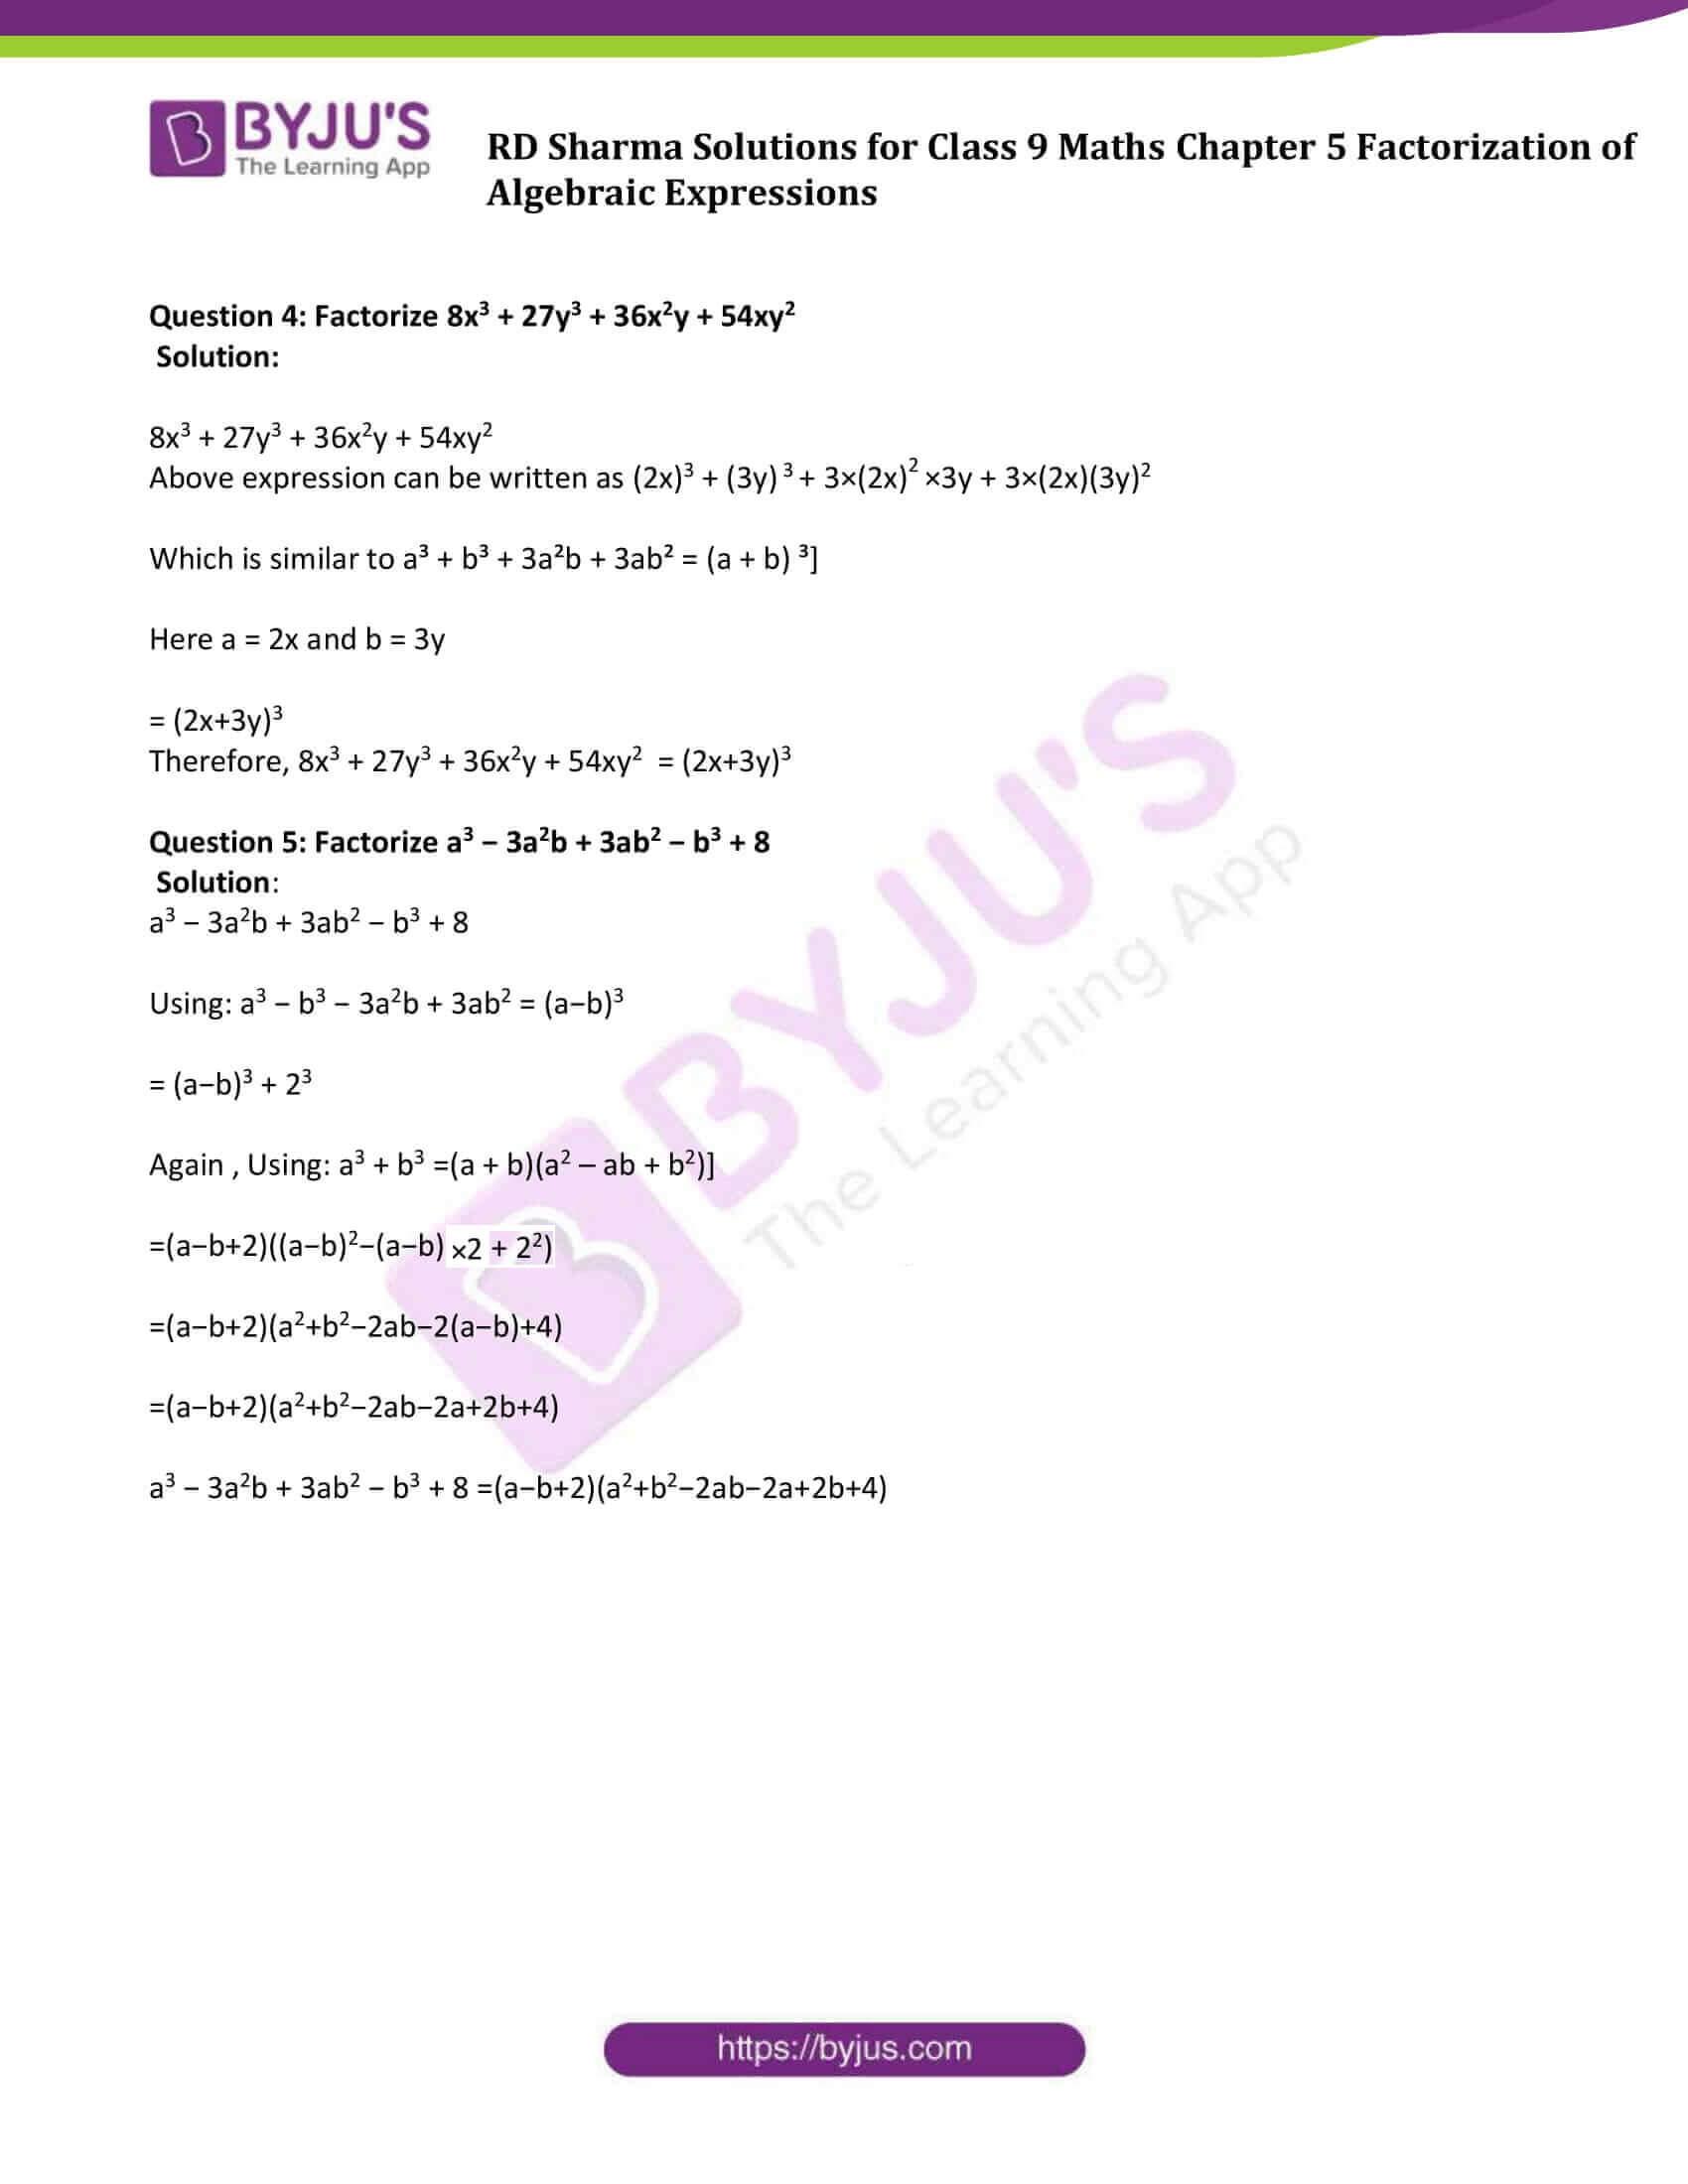 RD Sharma Solution class 9 Maths Chapter 5 13